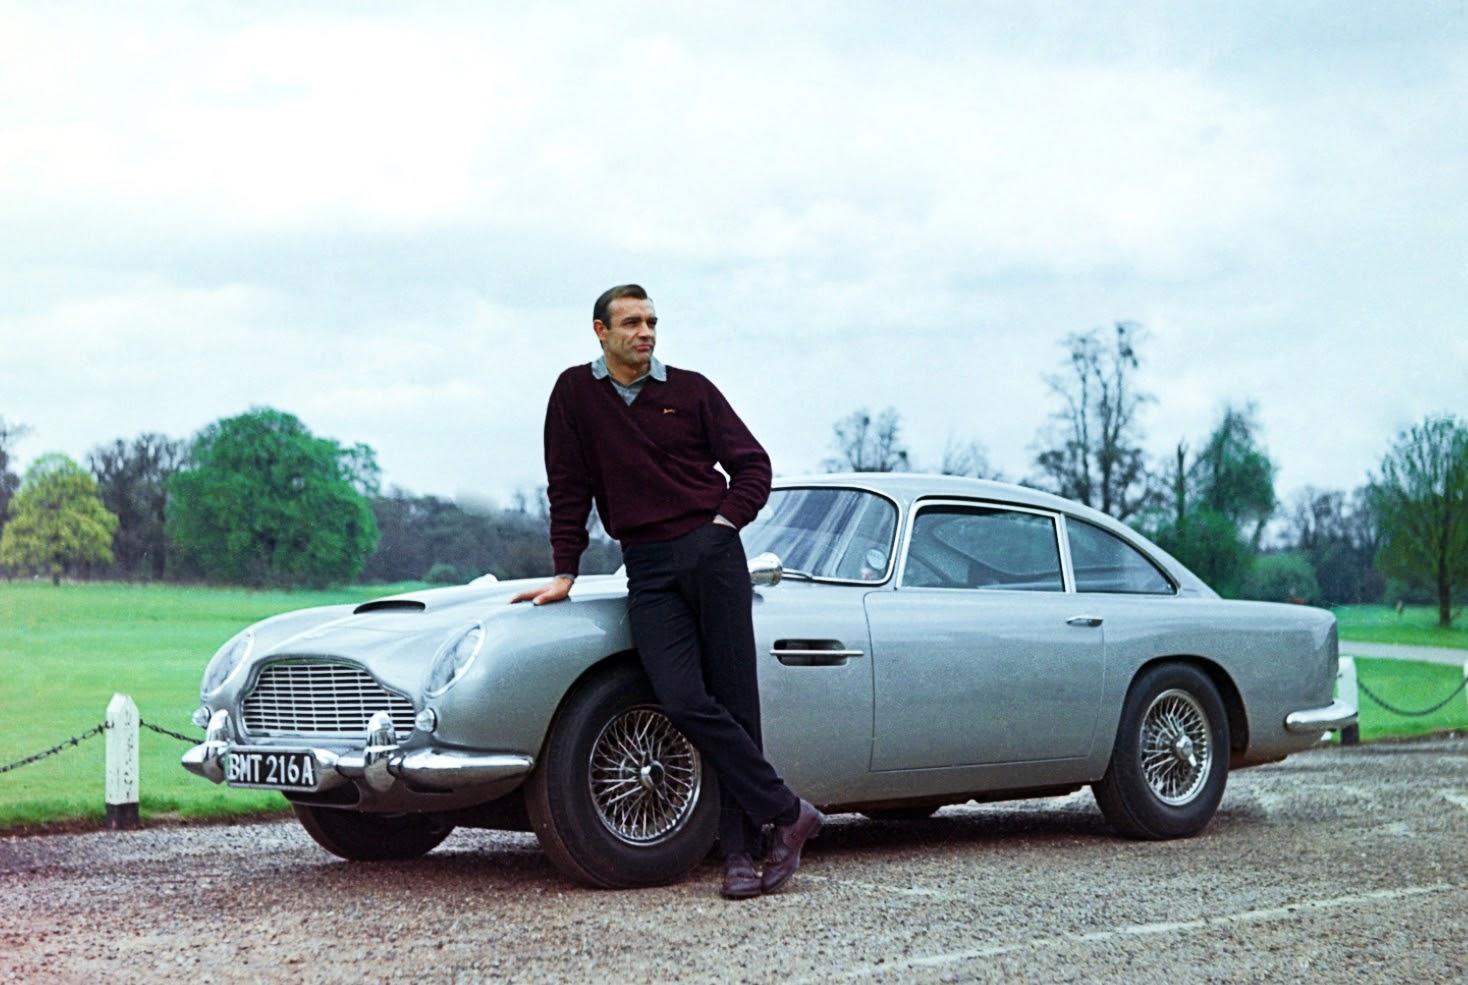 James Bond's DB5